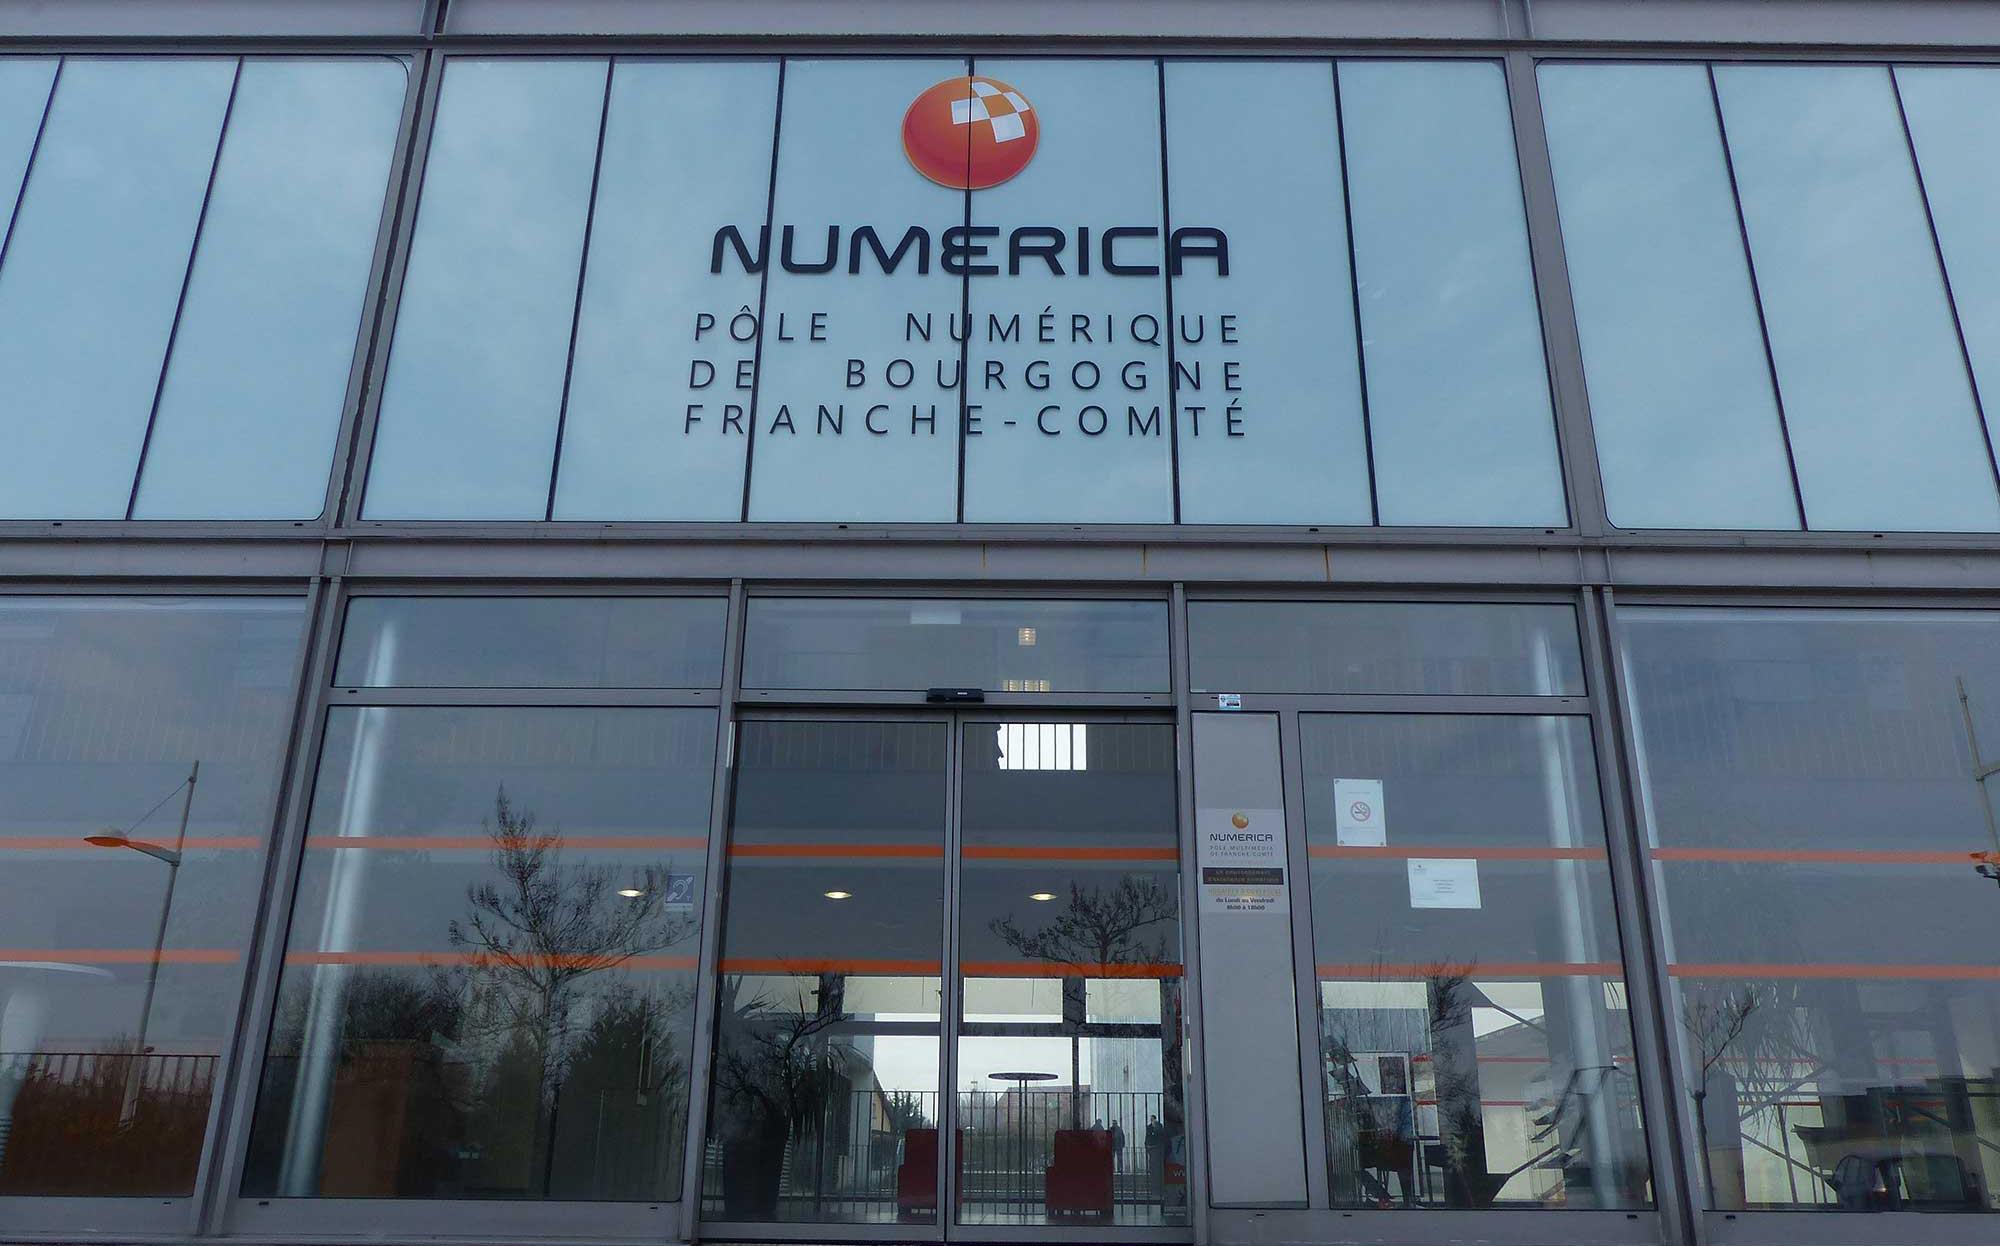 Numerica - pôle numérique de Bourgogne Franche-Comté